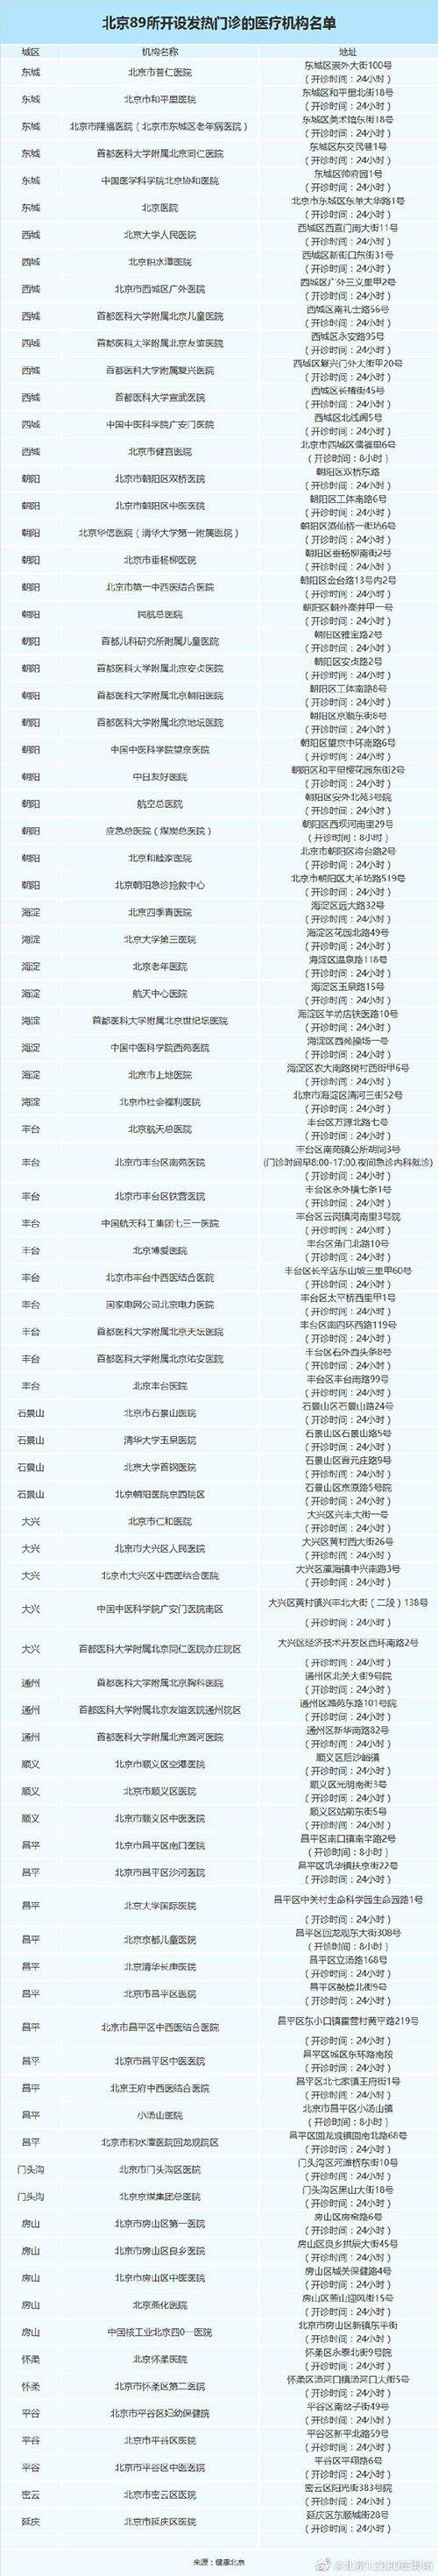 北京89所开设发热门诊的医疗机构名单